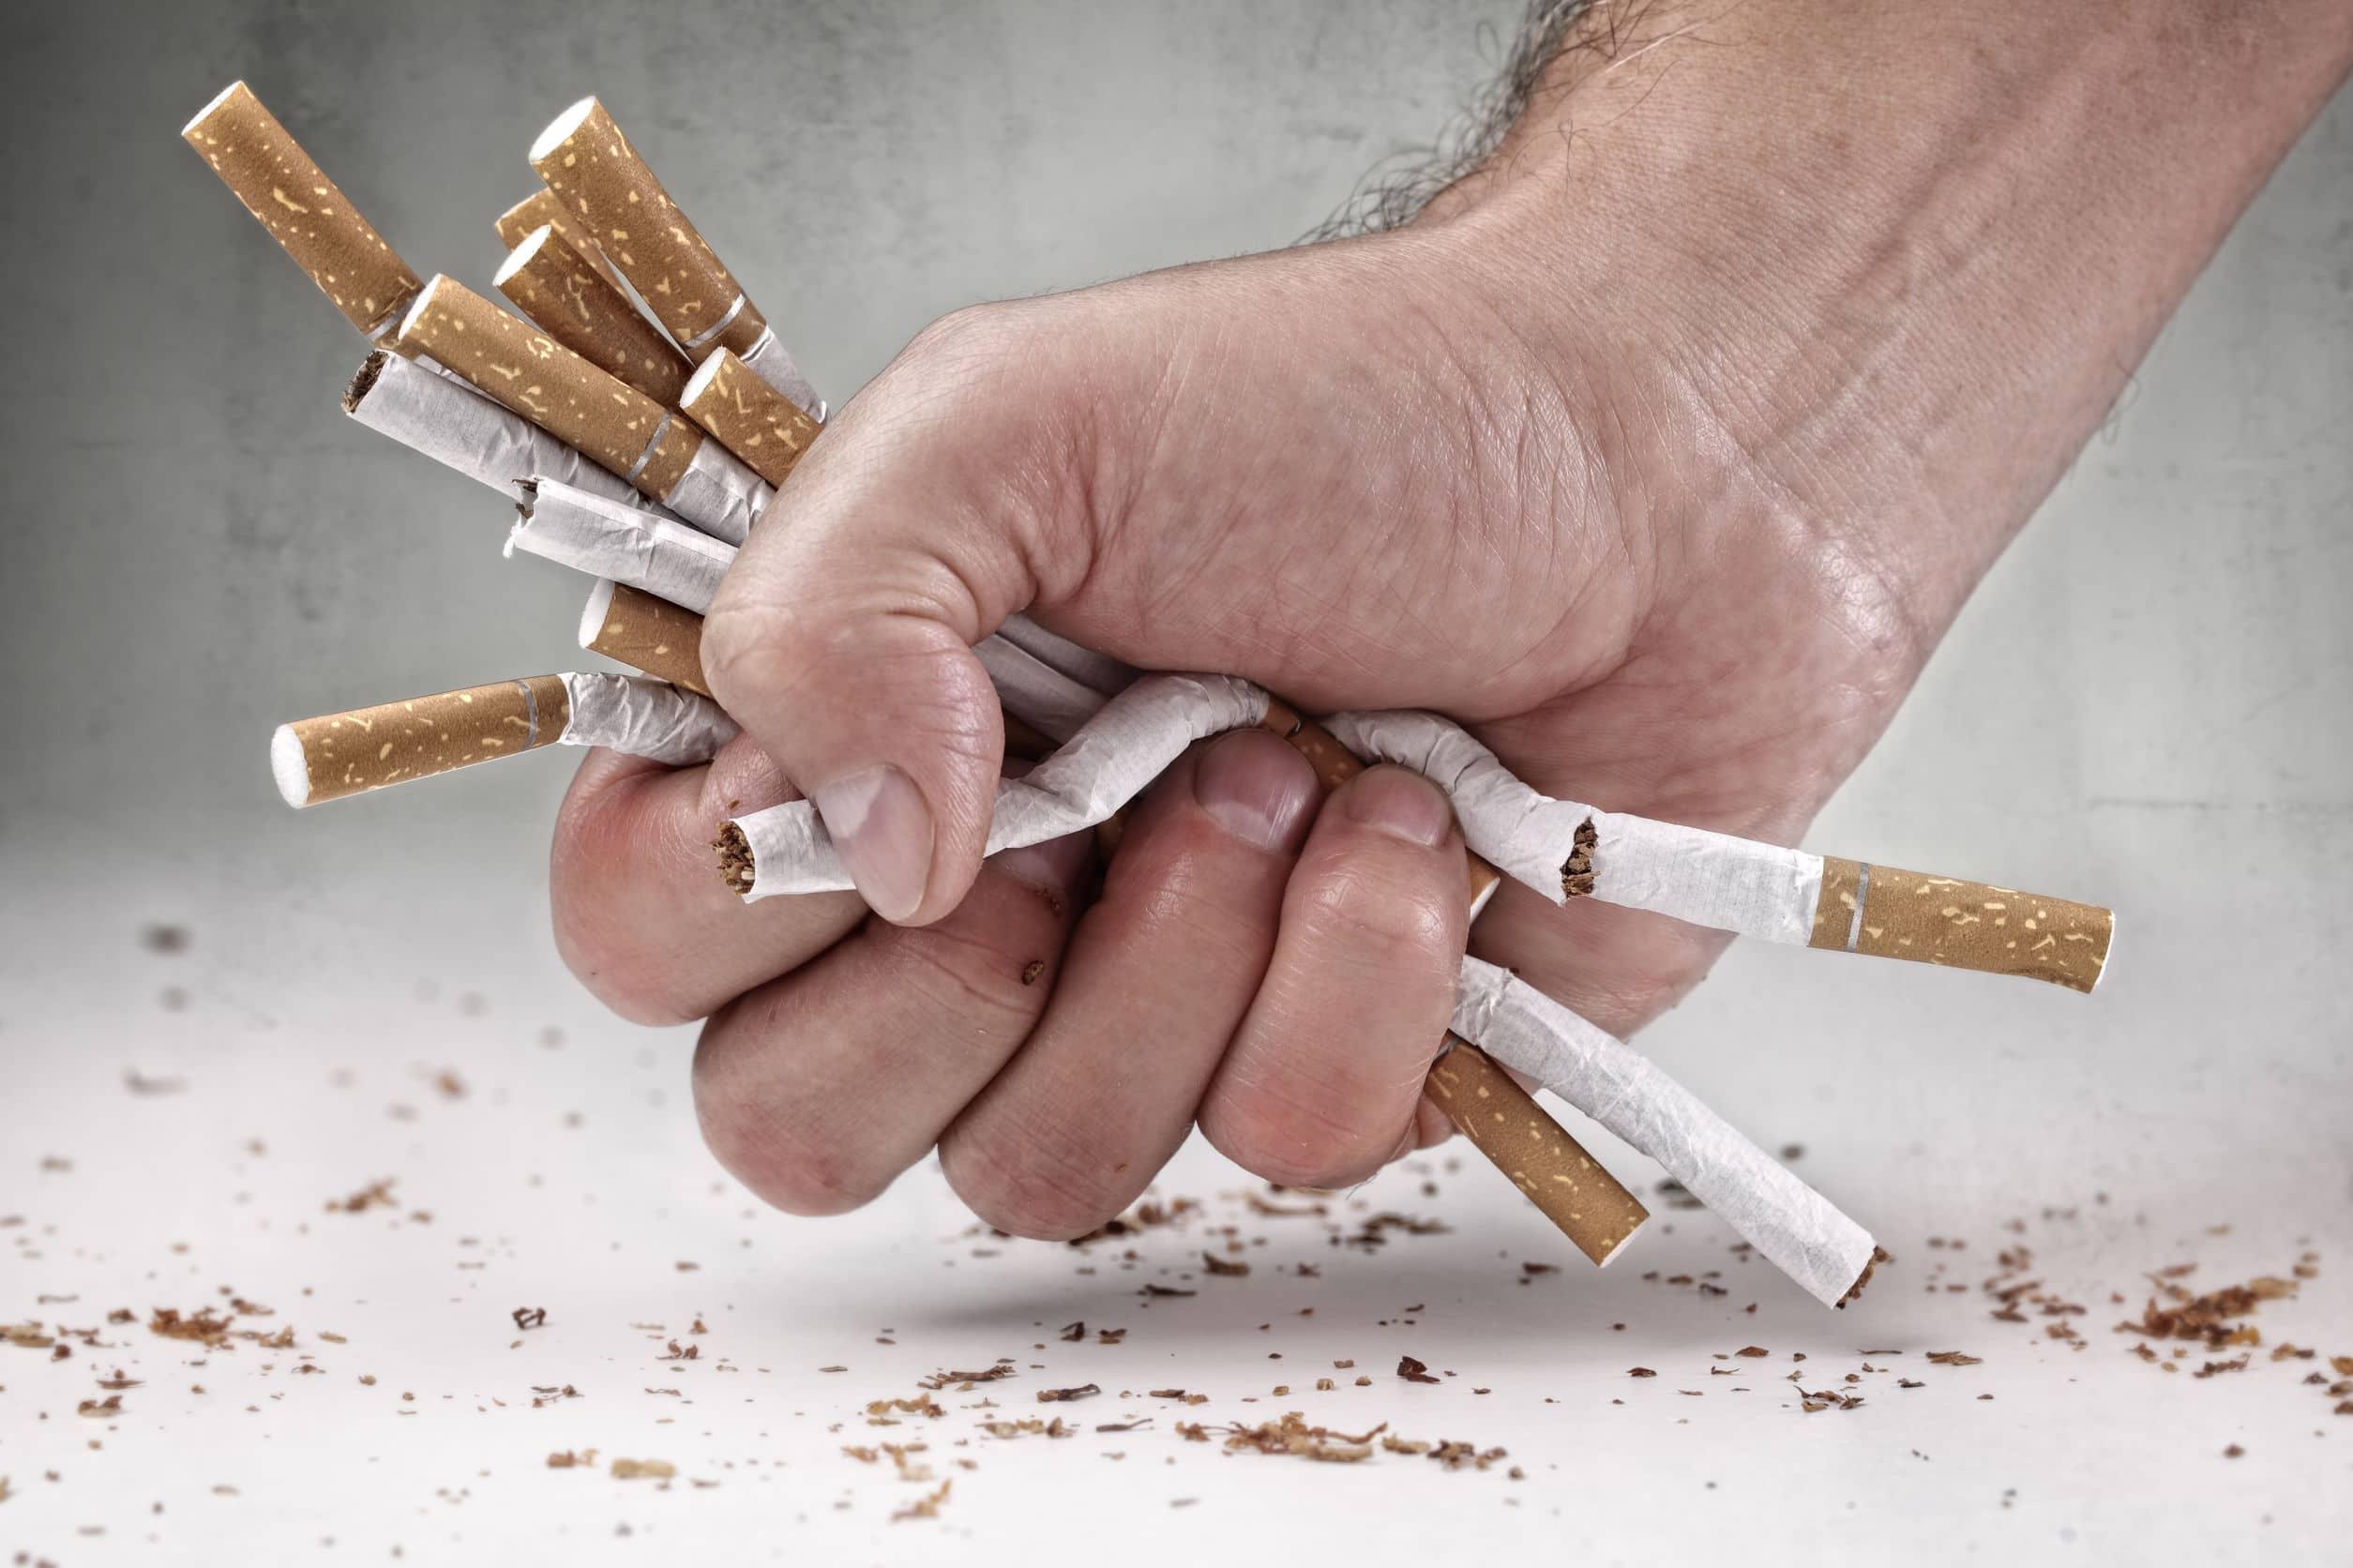 Homem recusando cigarros. Conceito para parar de fumar e estilo de vida saudável